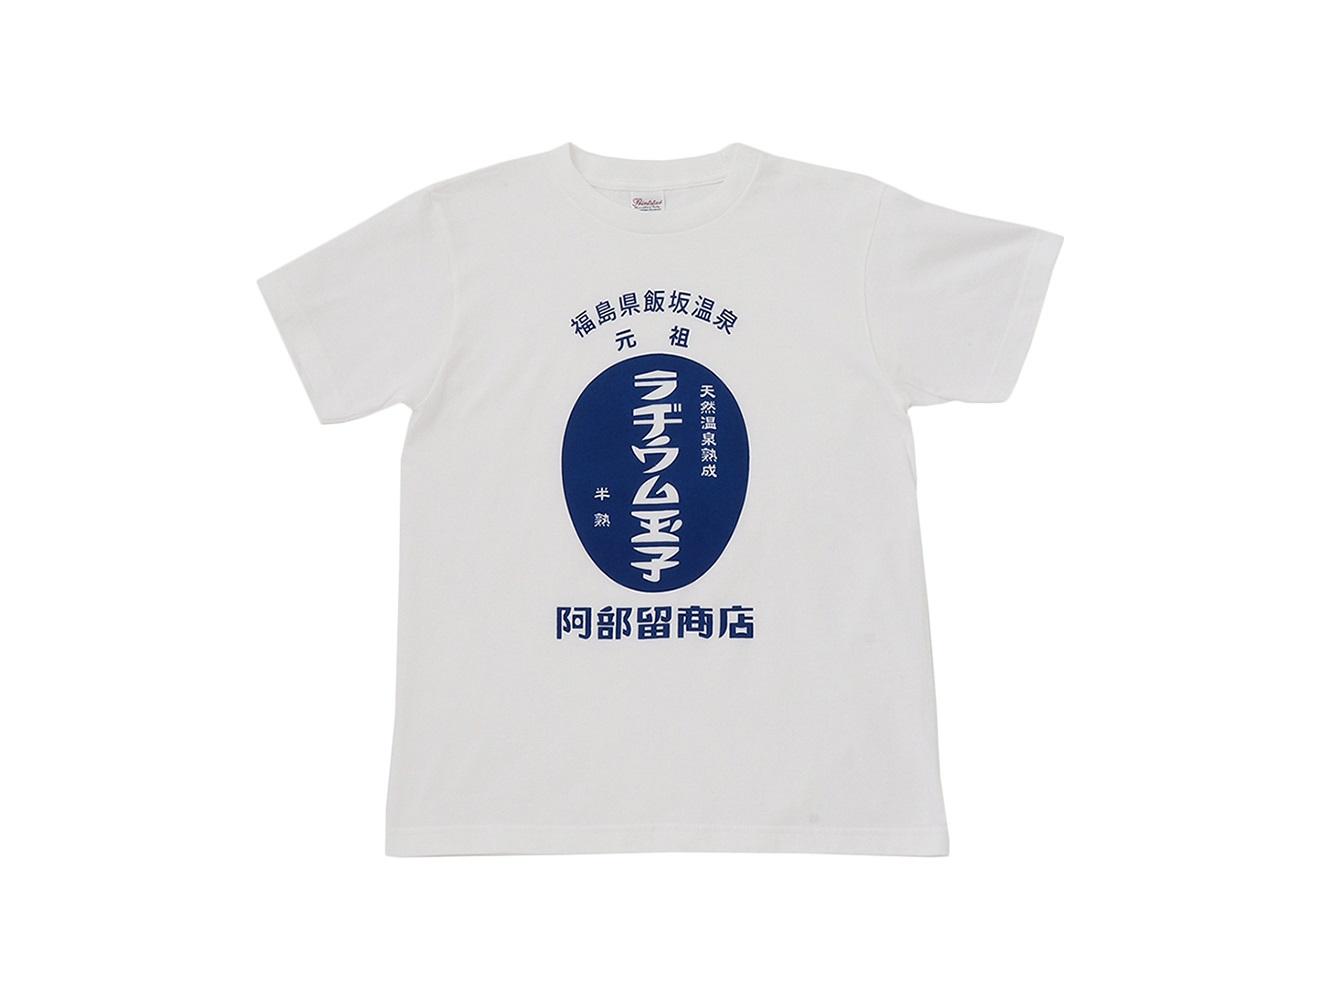 【阿部留商店】ラヂT 福島飯坂温泉名物ラヂウム玉子のパッケージがTシャツに!